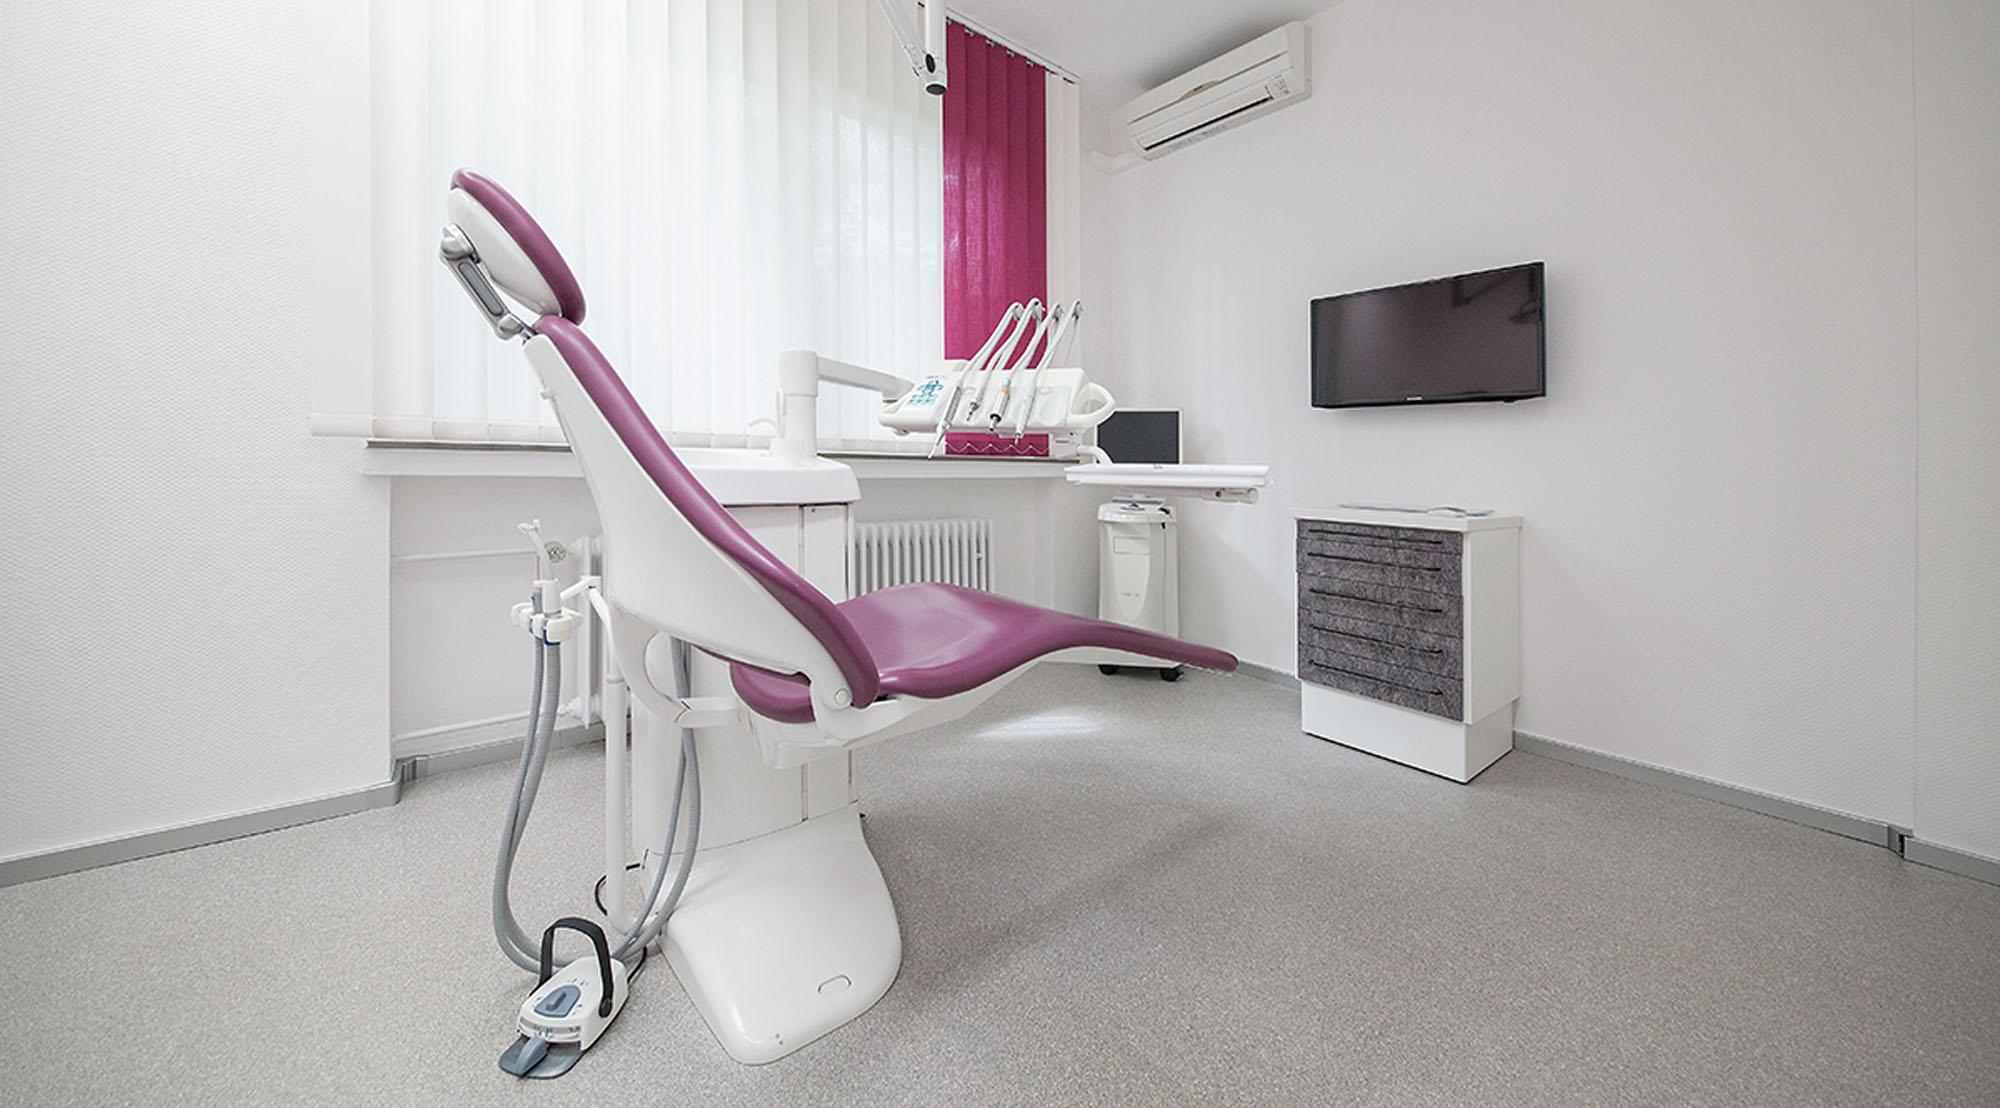 zahnarzt-bakker.de/praxis02